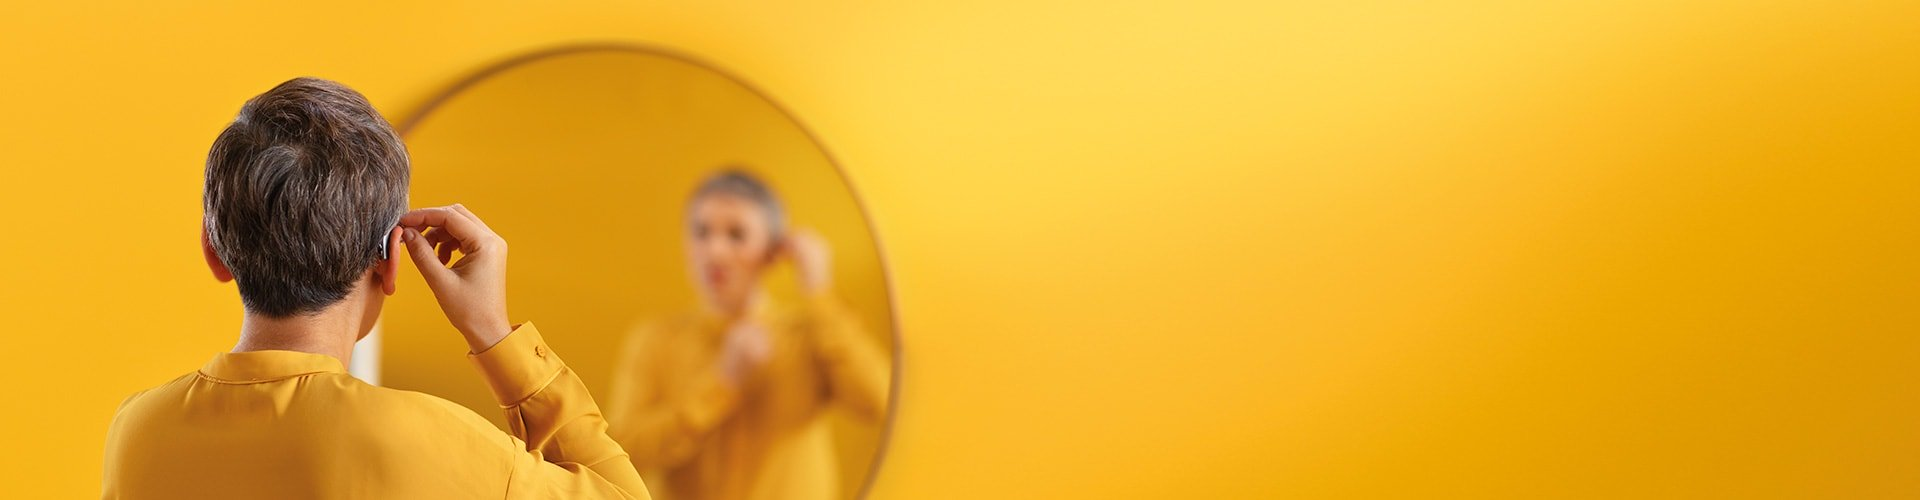 Vrouw doet haar Philips hoortoestel in. Philips HearLink is verkrijgbaar in een reeks hoortoesteluitvoeringen.